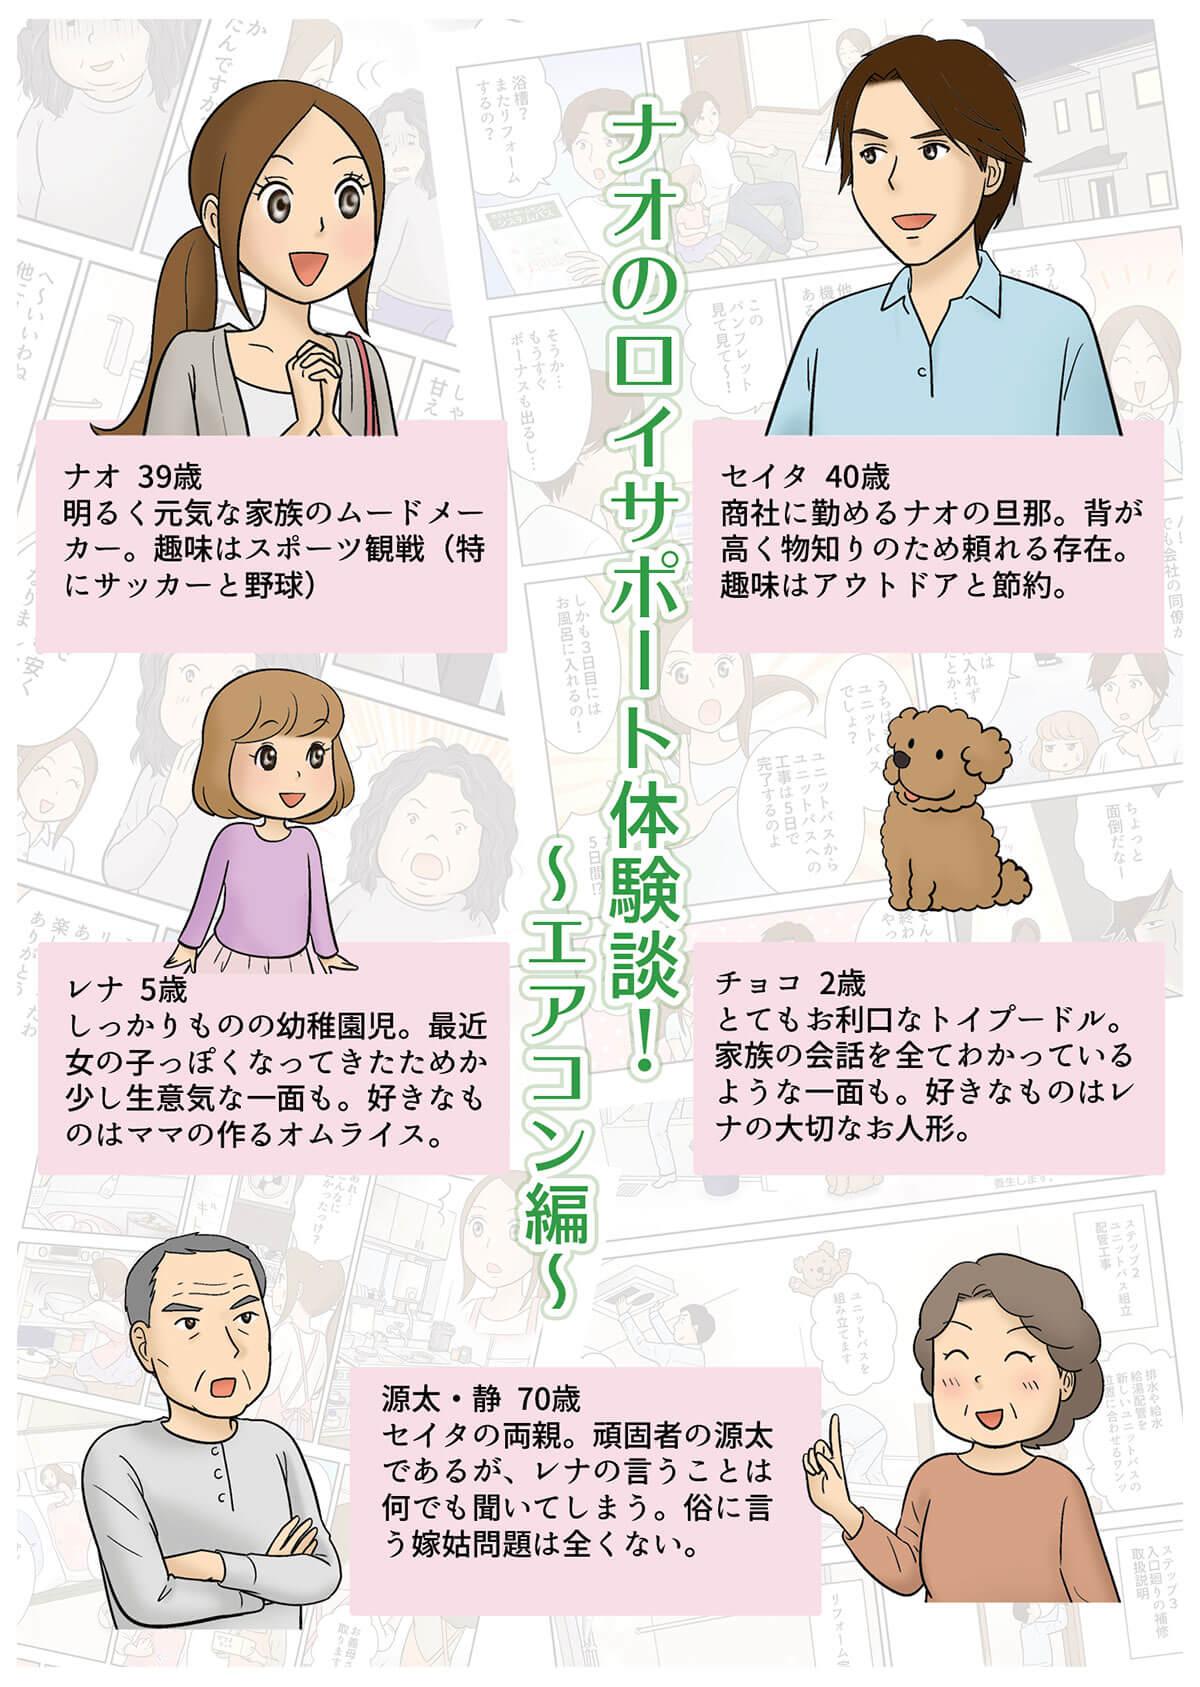 ナオのロイサポート体験談(エアコン編)表紙とキャラクター紹介